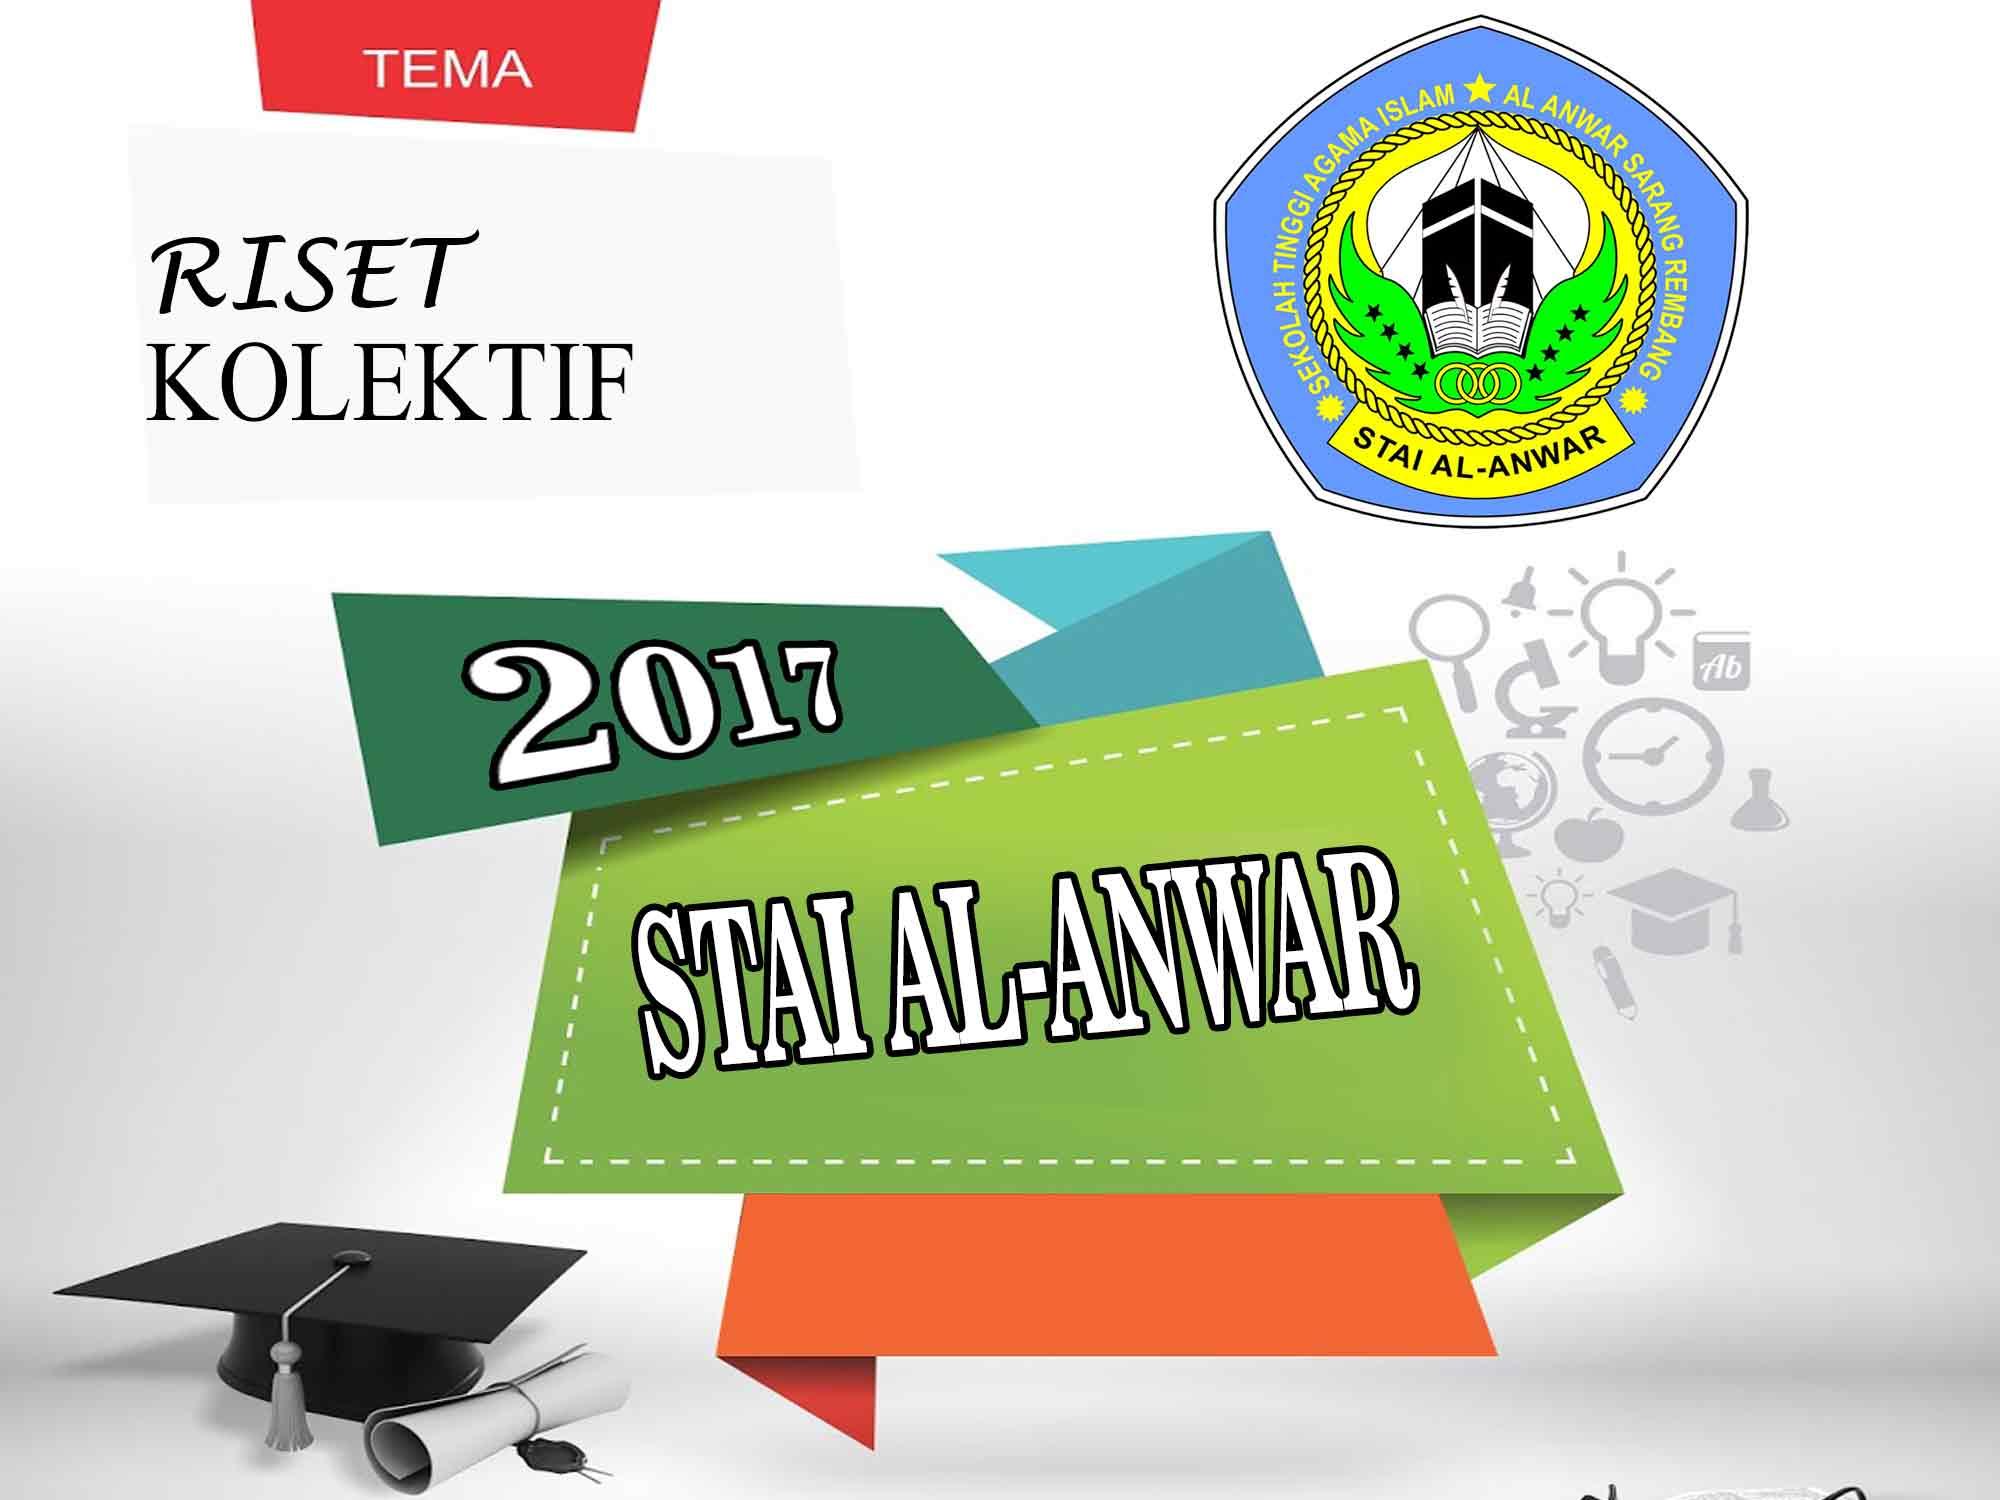 Pengumuman Penelitian STAI Al-Anwar 2017